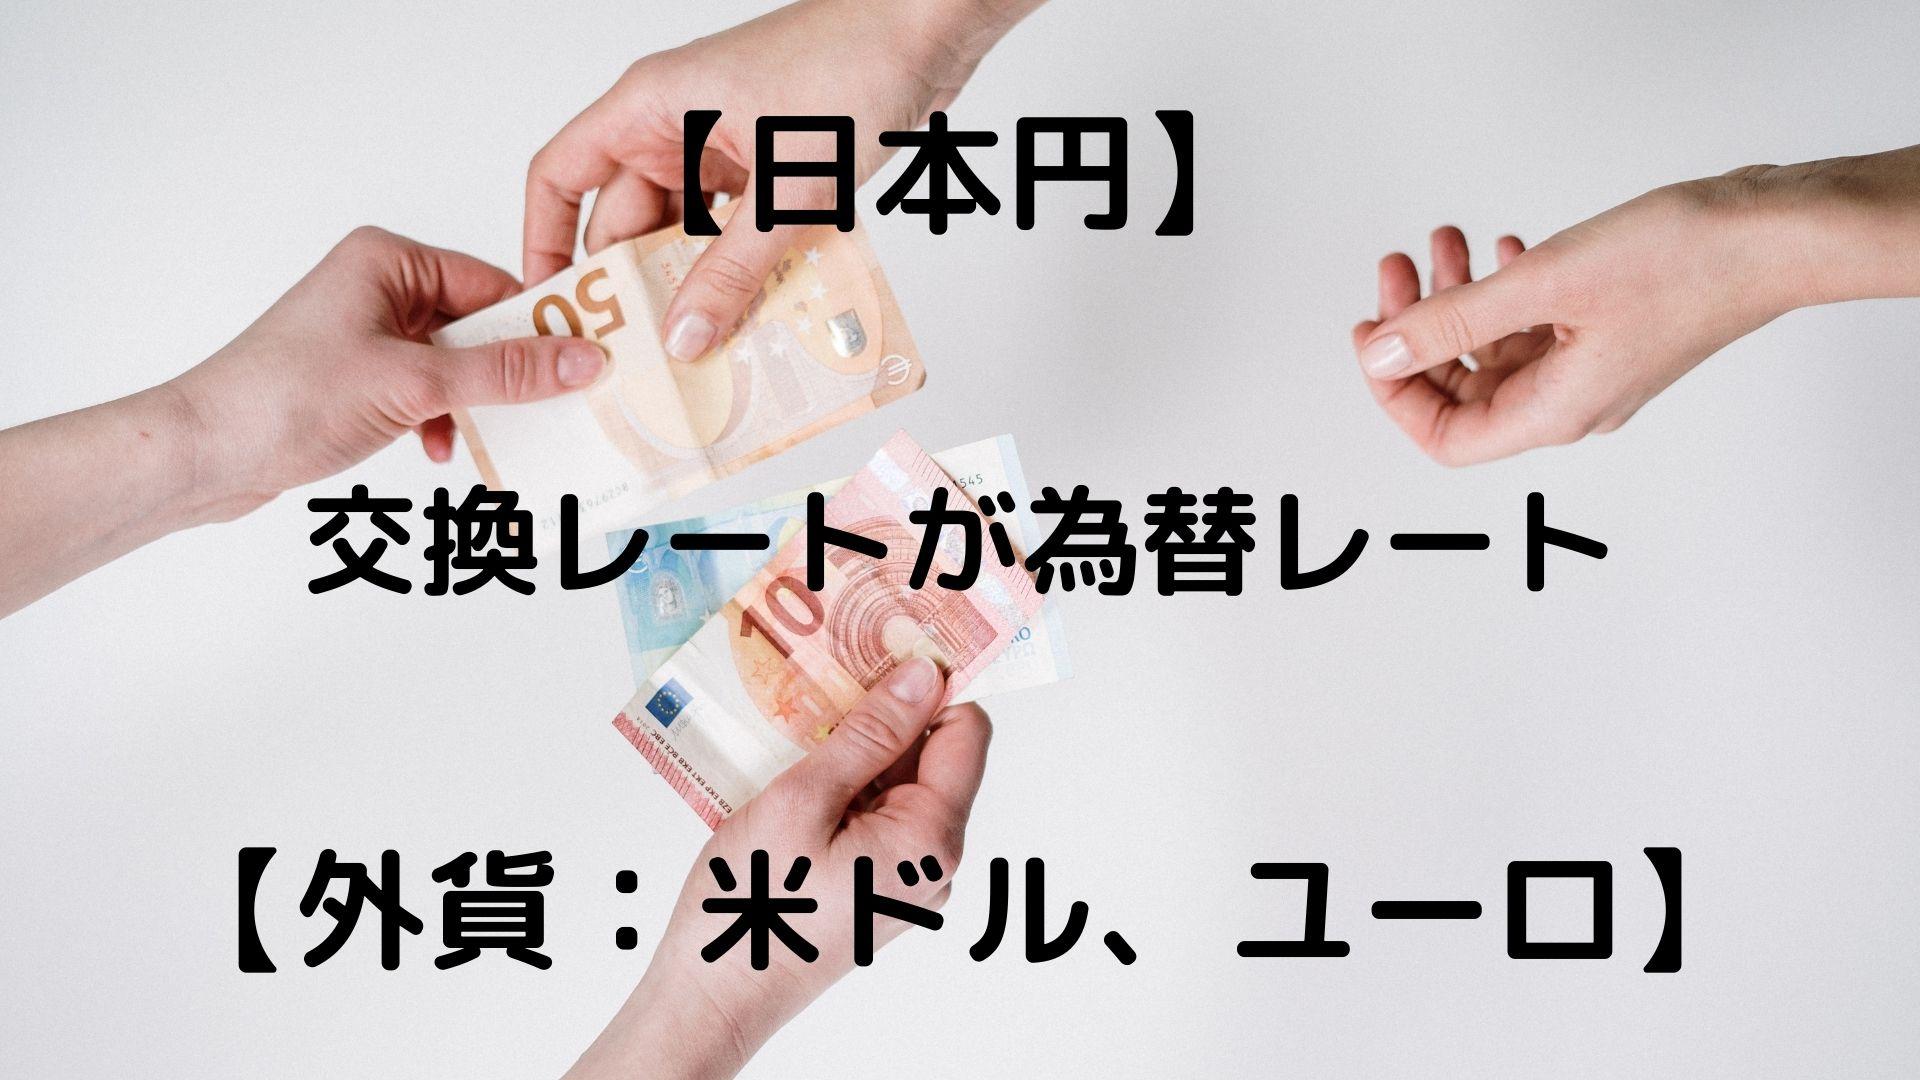 日本円と外貨の交換